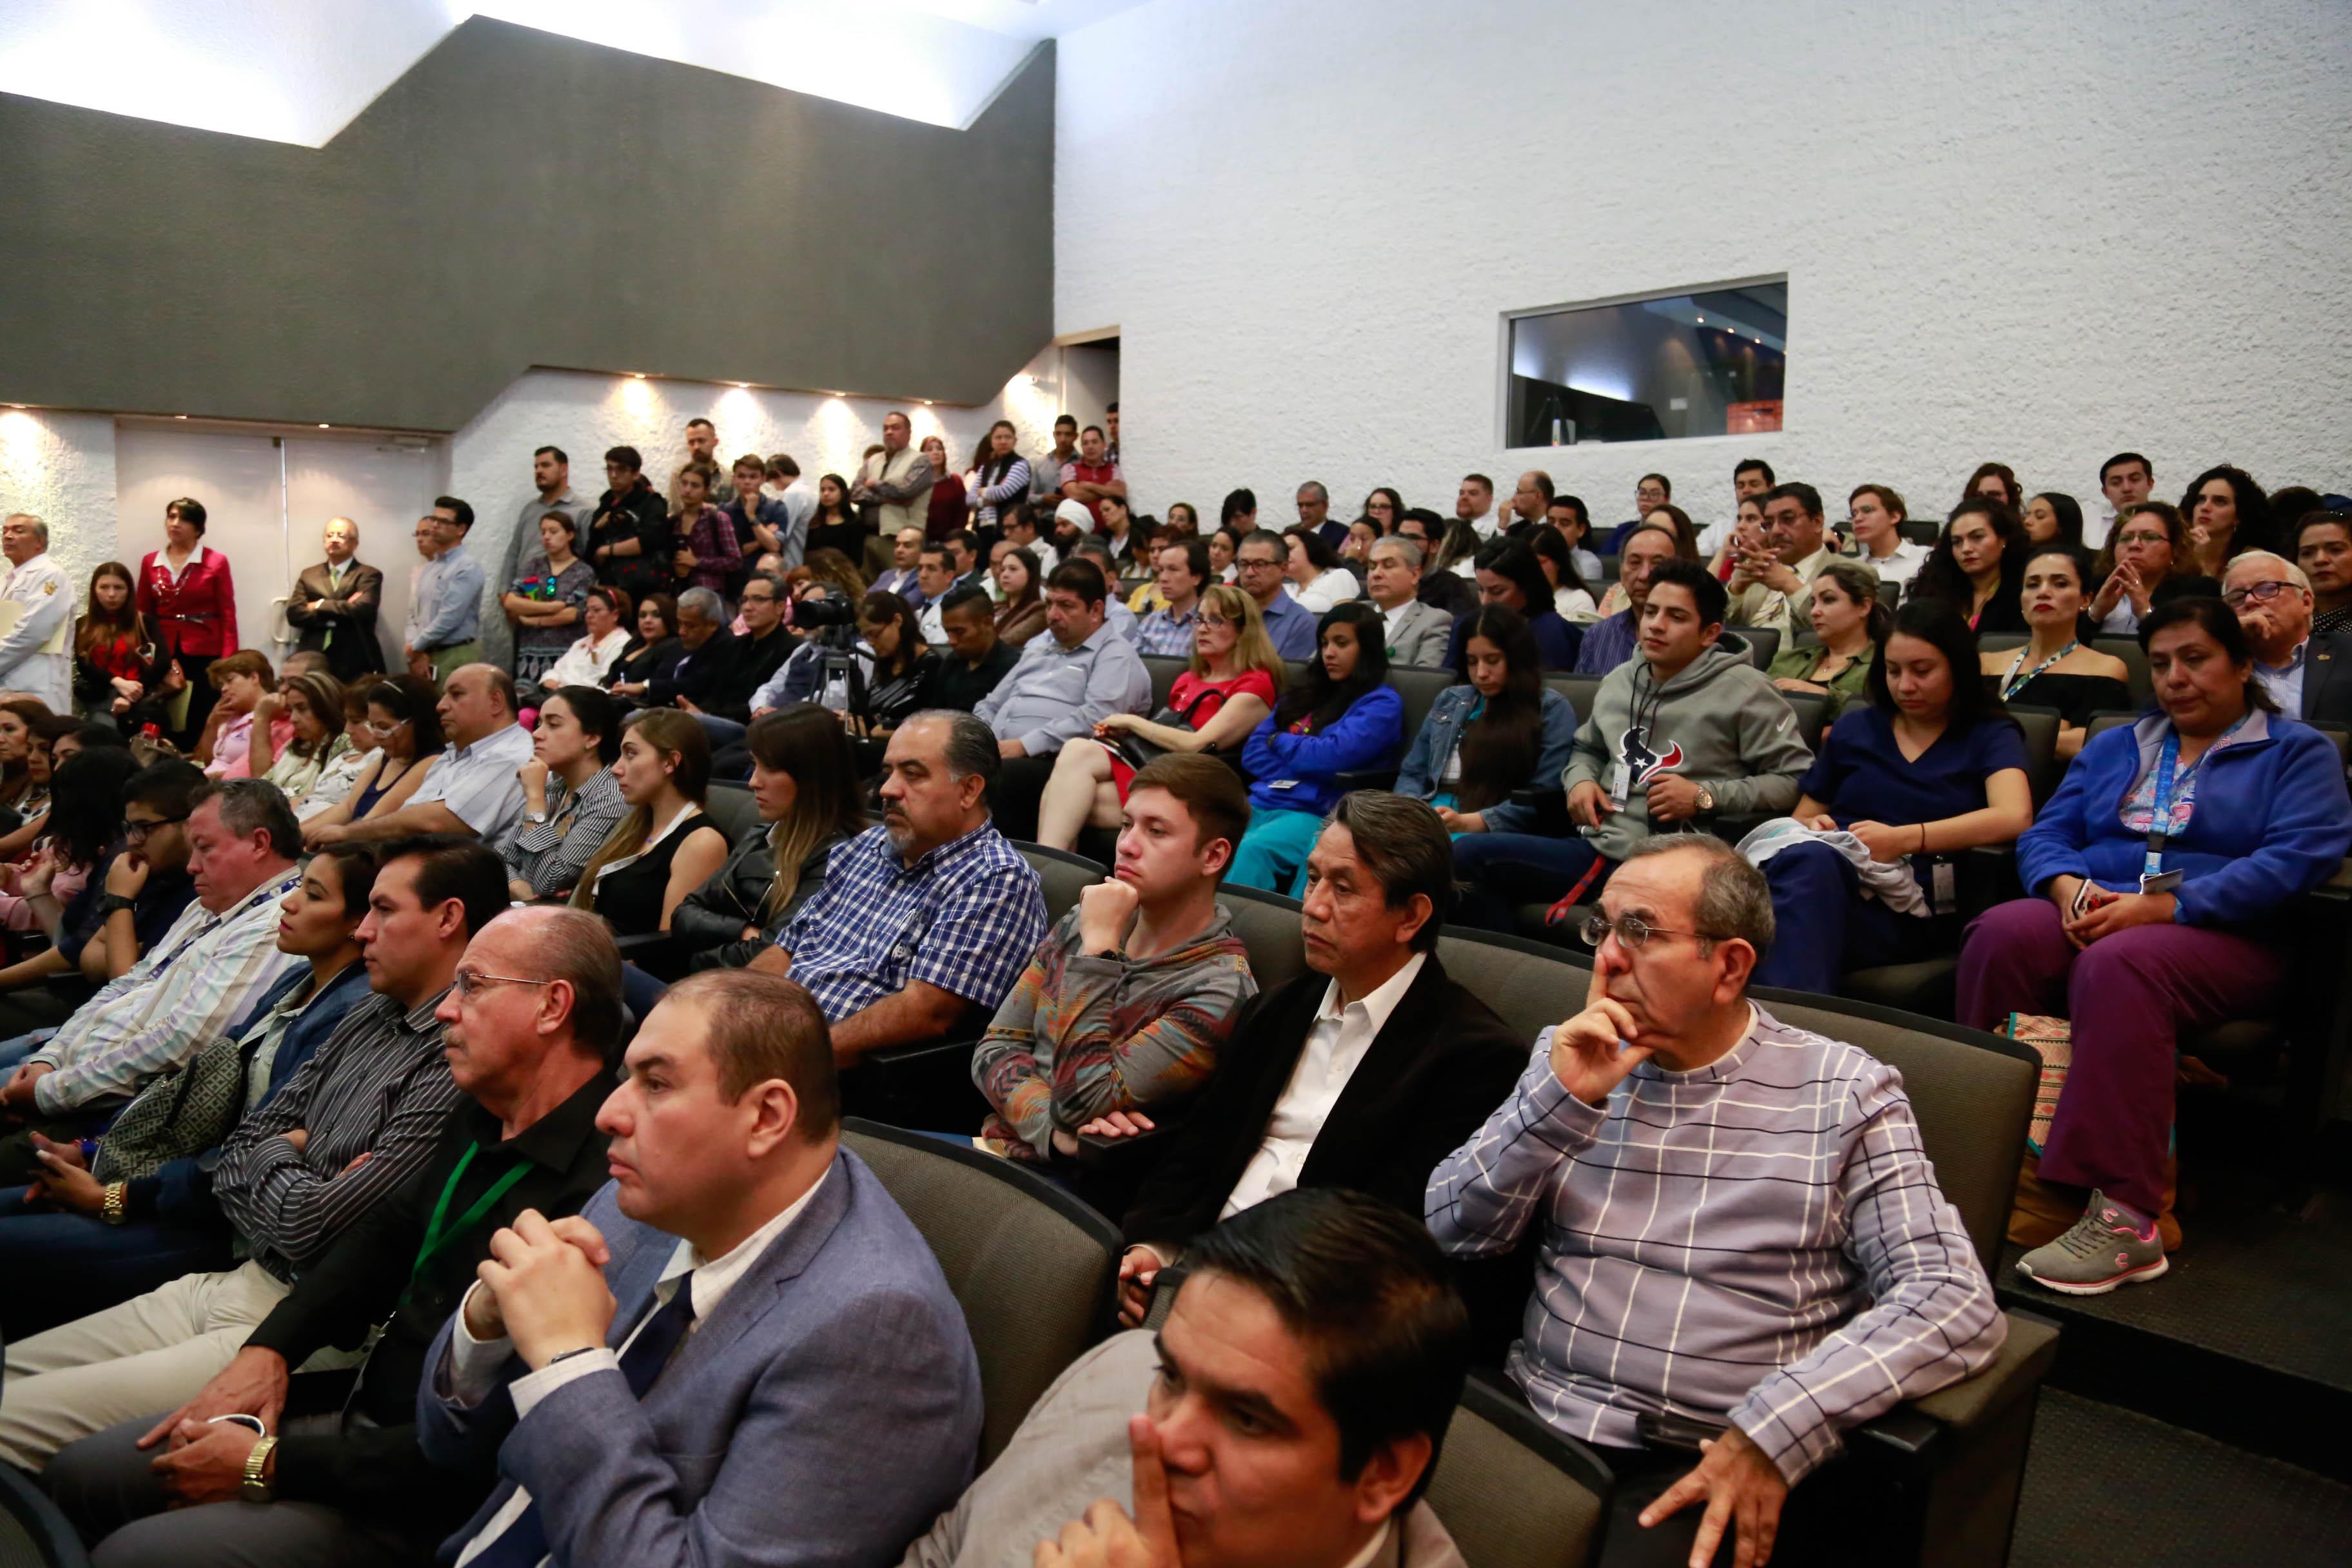 Vista del auditorio lleno